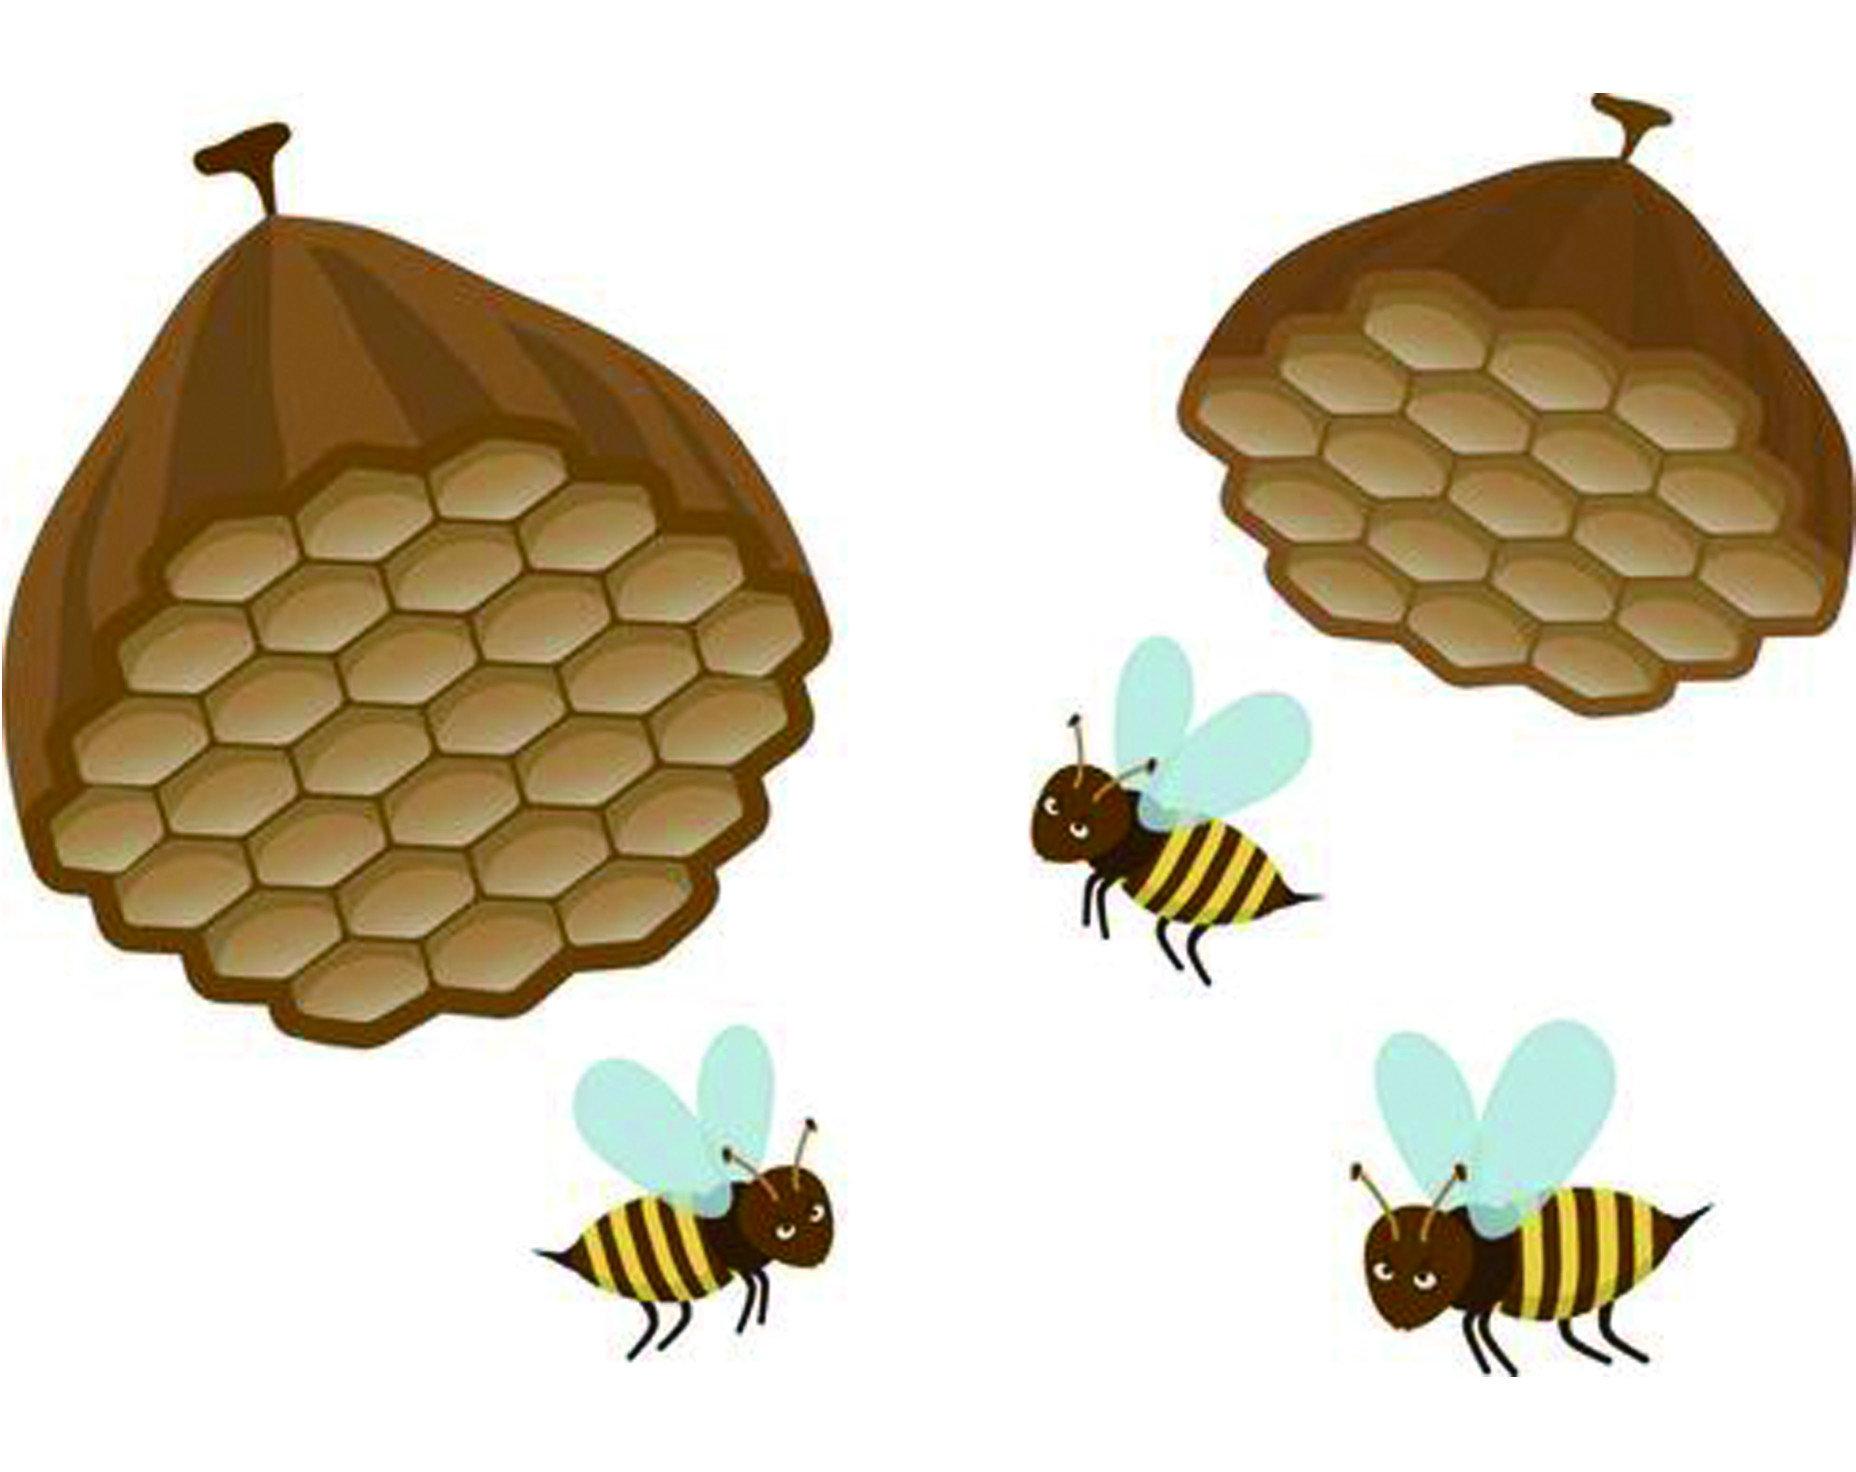 基於長腳蜂溫和的特性,其實遇到長腳蜂時並不用太擔心,保持適當距離即可。 風水上蜜蜂在家附近築巢,意味著即將有收穫到來,對於生意人來說更是吉祥, 不影響安全與生活品質的狀況下不用急著一定要將整個蜂窩剷除;即便不相信風水之說, 還是以互不侵犯為原則,保持雙方的生活空間。另為,常見的長腳蜂還有「雙斑長腳蜂」